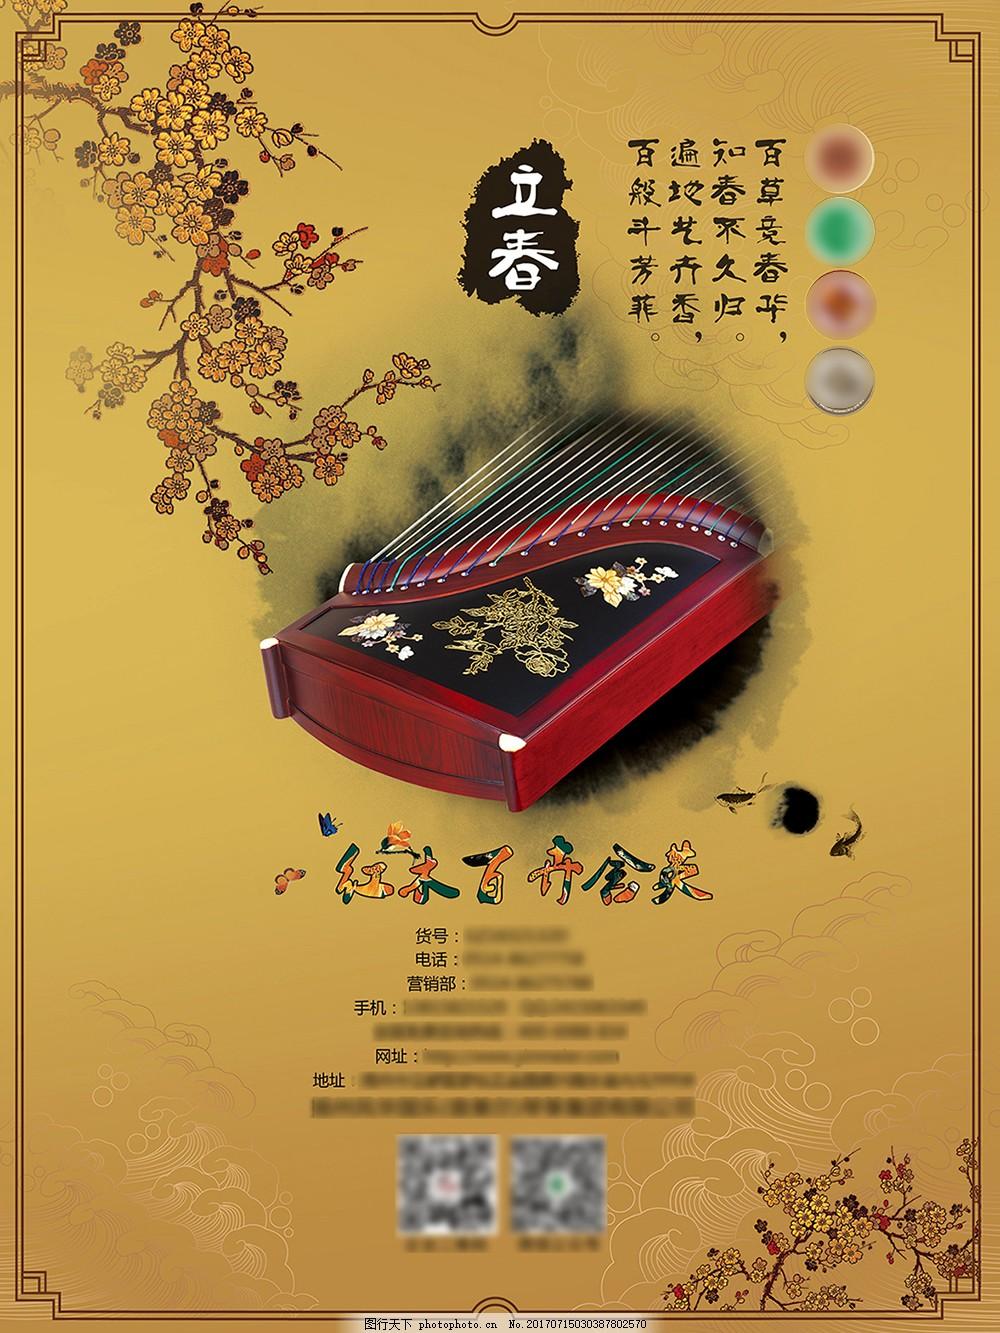 古筝素材古筝海报中国风宣传单 广告促销素材 民族乐器 中国风海报